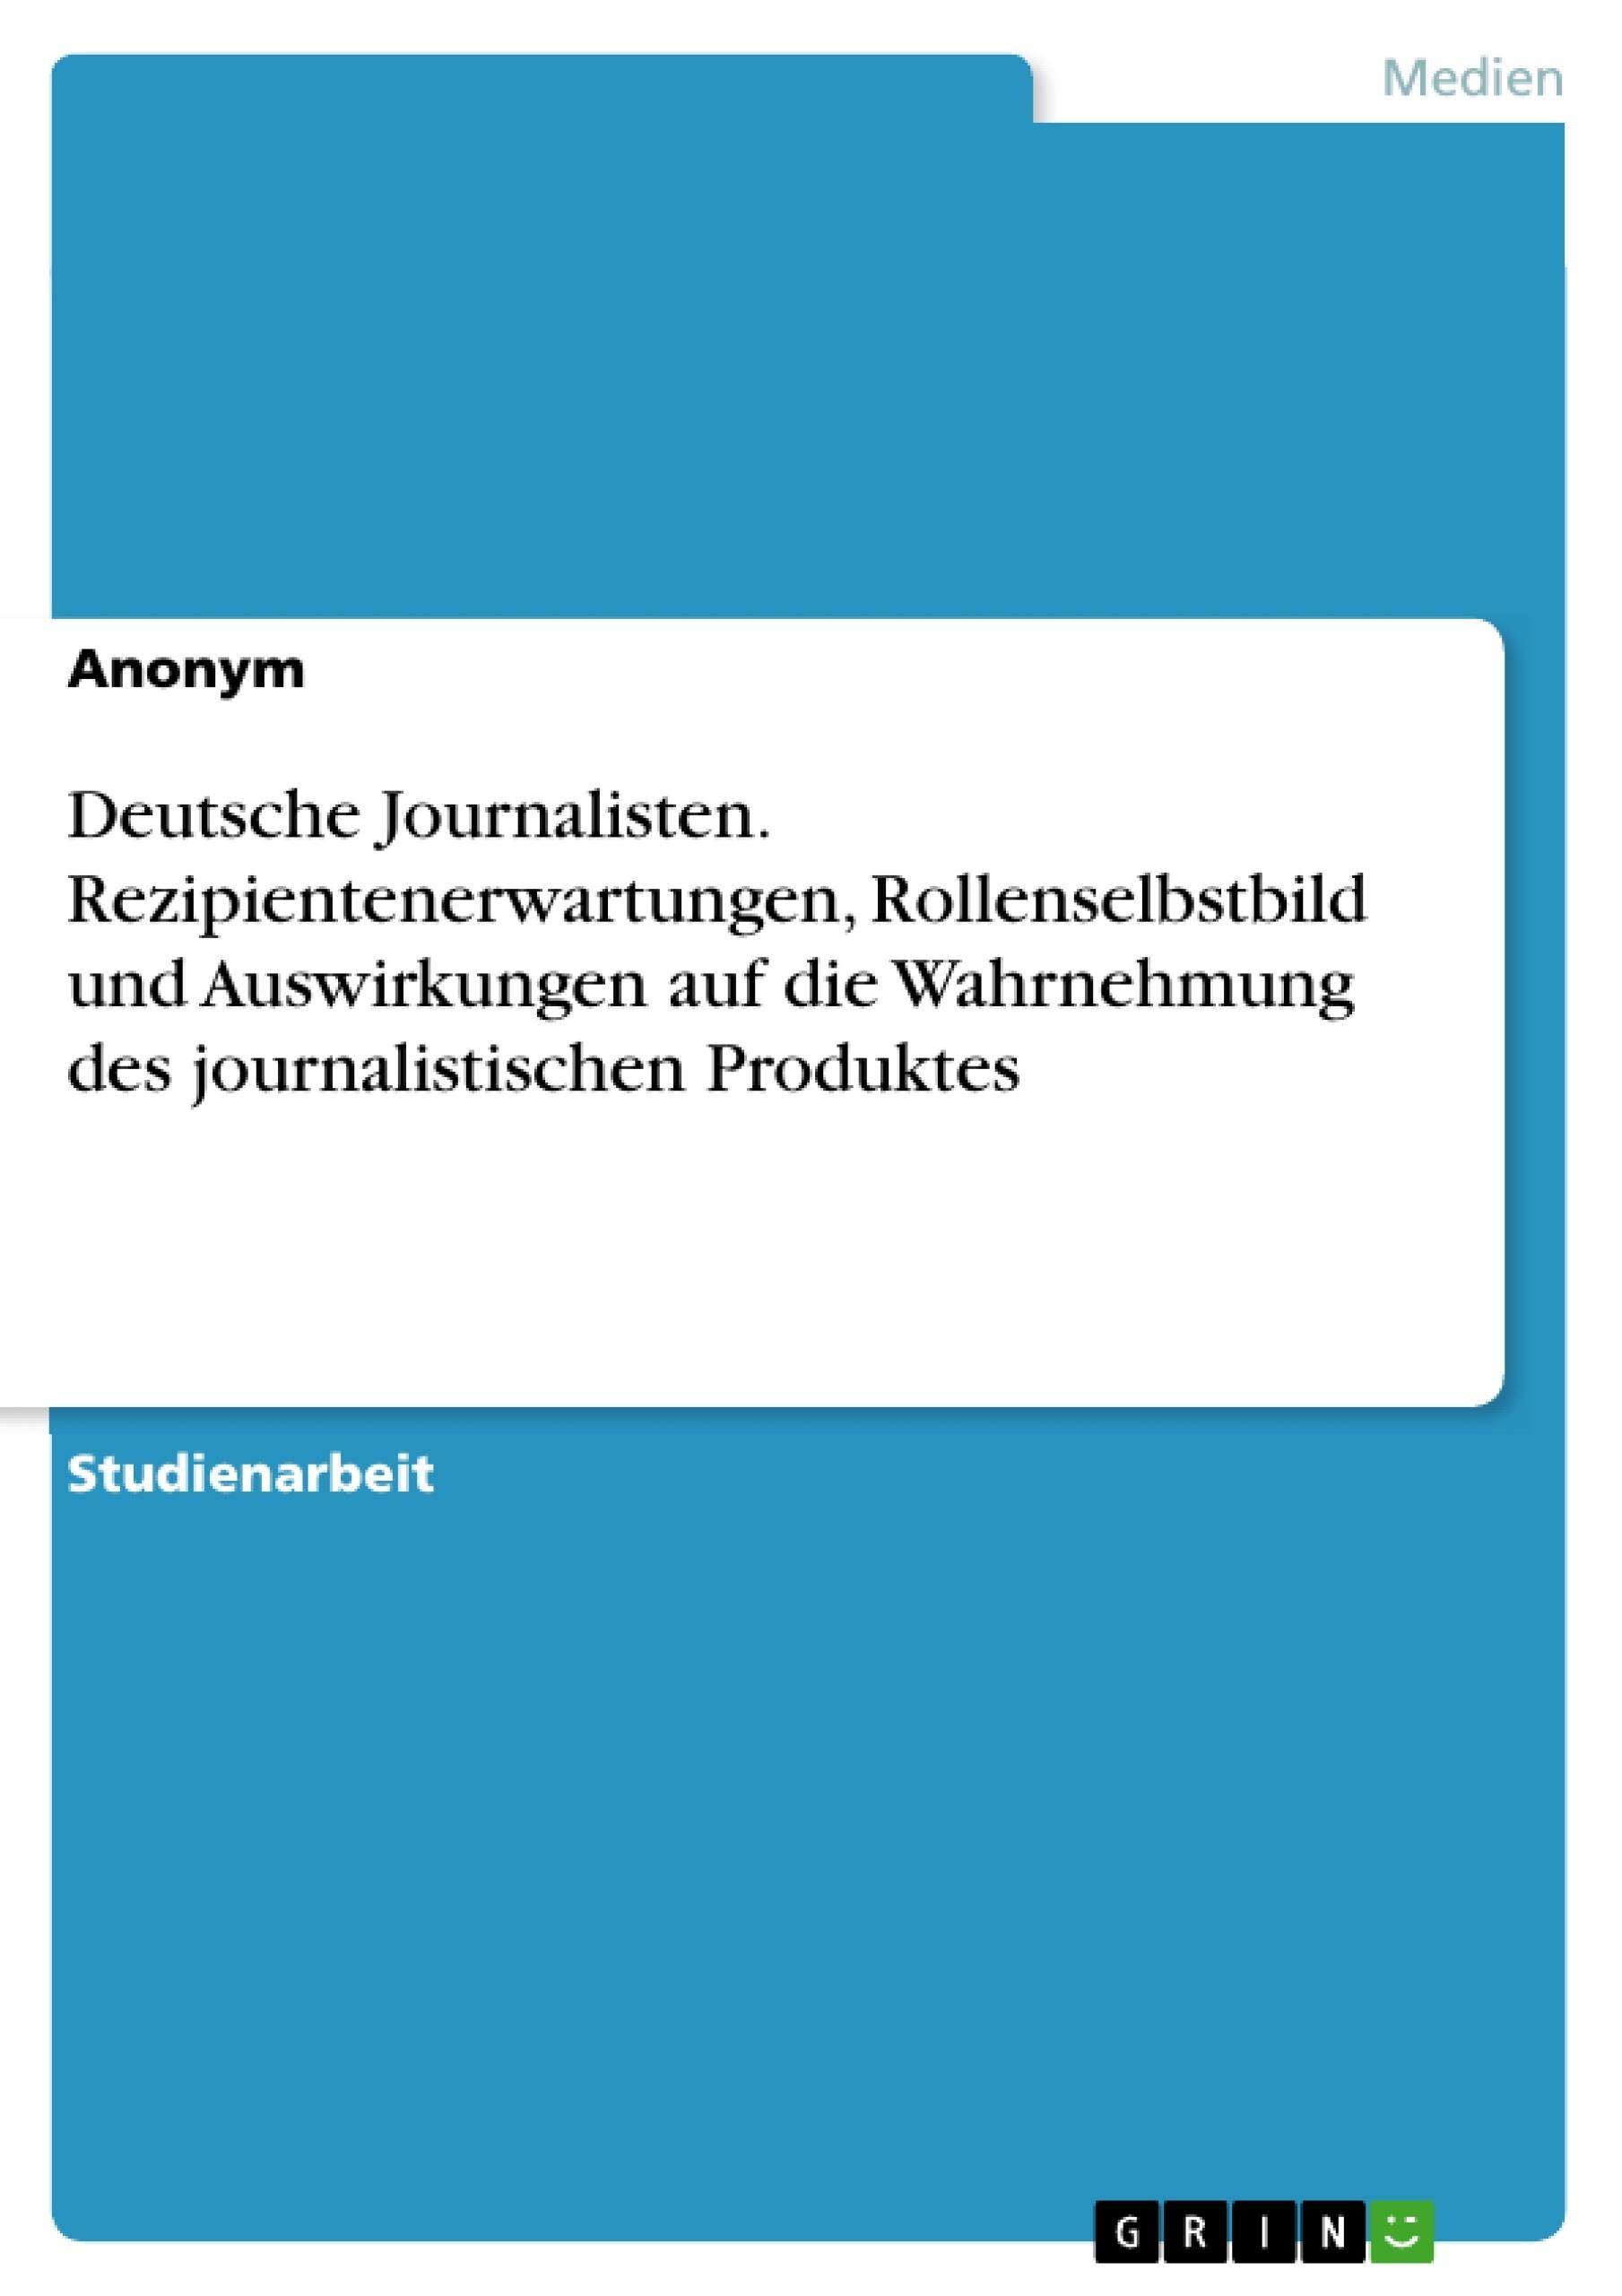 Titel: Deutsche Journalisten. Rezipientenerwartungen, Rollenselbstbild und Auswirkungen auf die Wahrnehmung des journalistischen Produktes